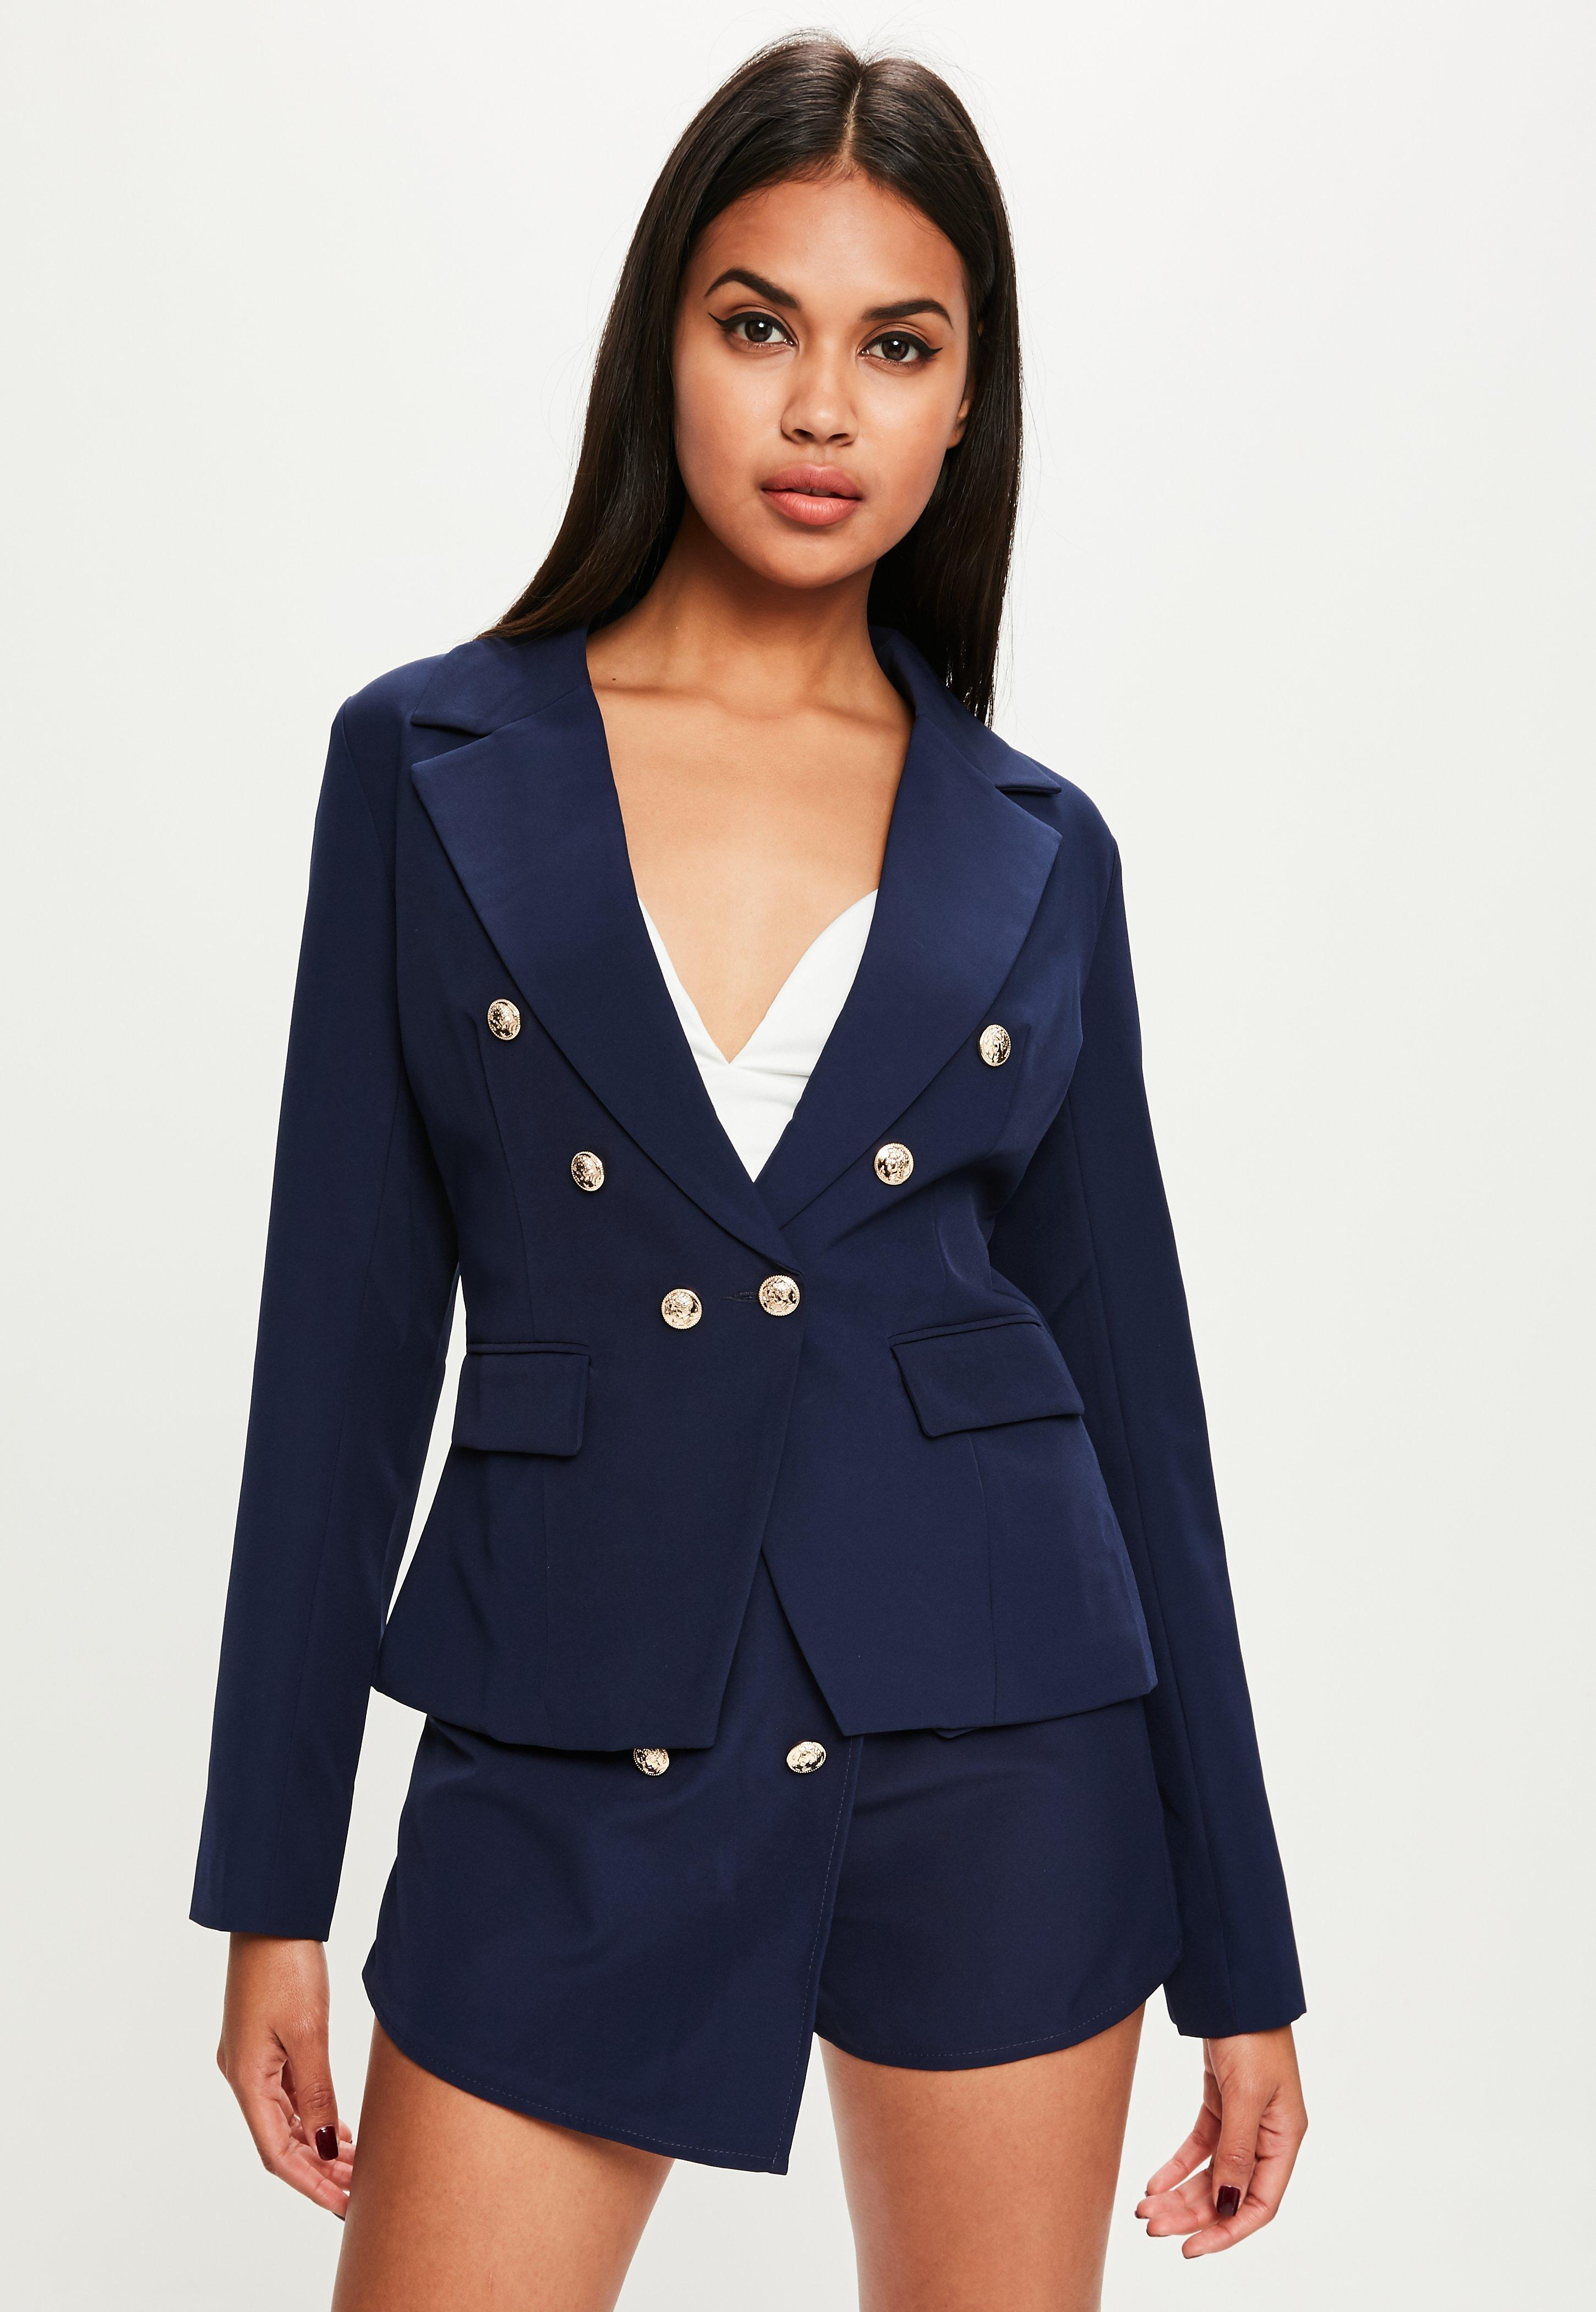 Veste femme marine ecusson